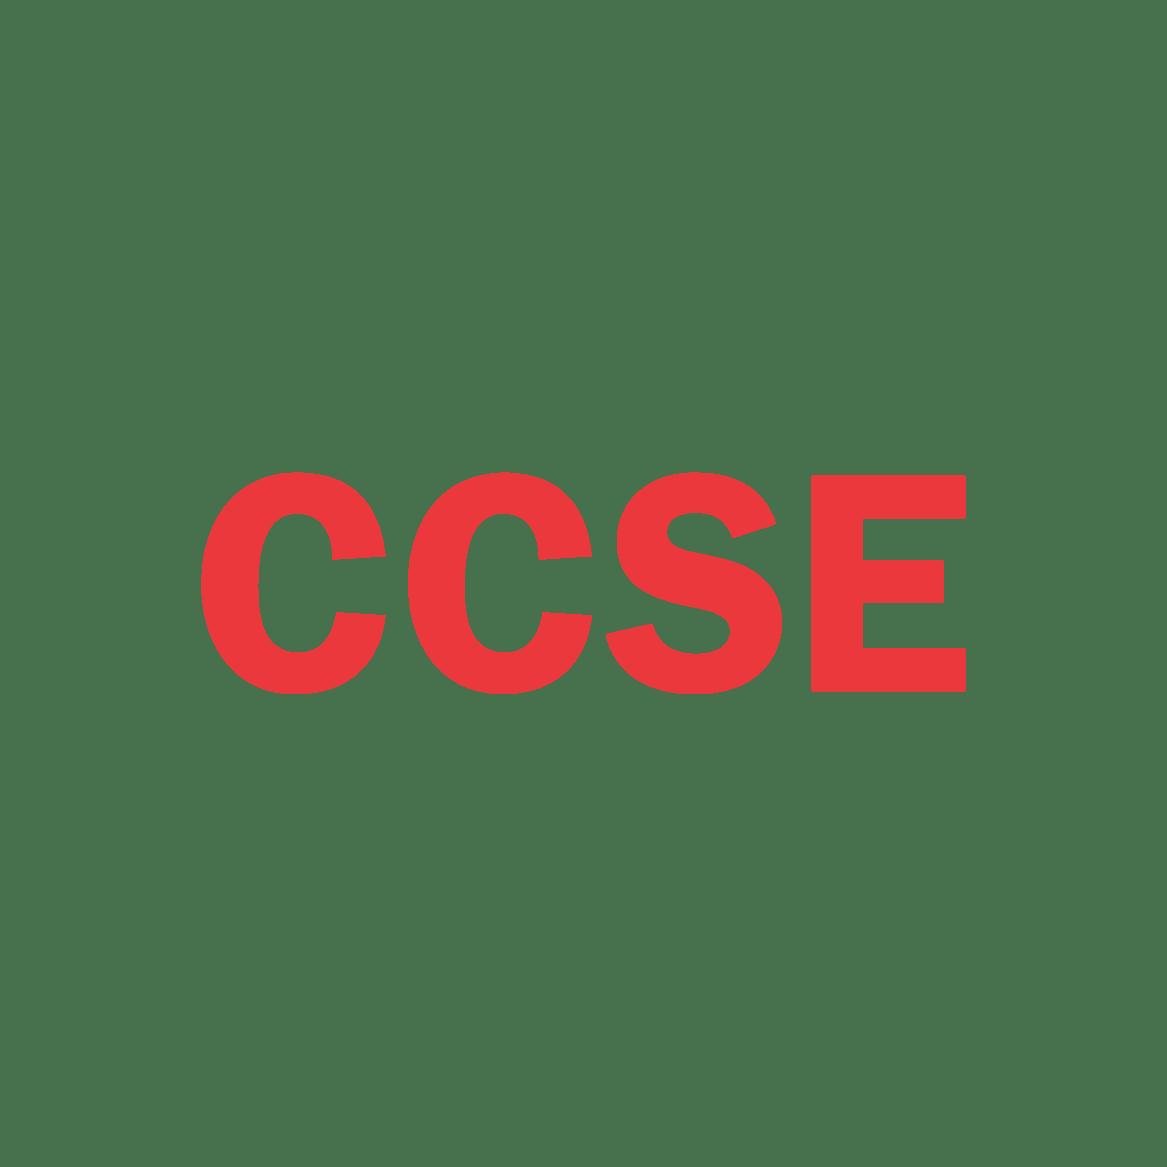 Ya están disponibles las calificaciones de la prueba CCSE de mayo de 2019